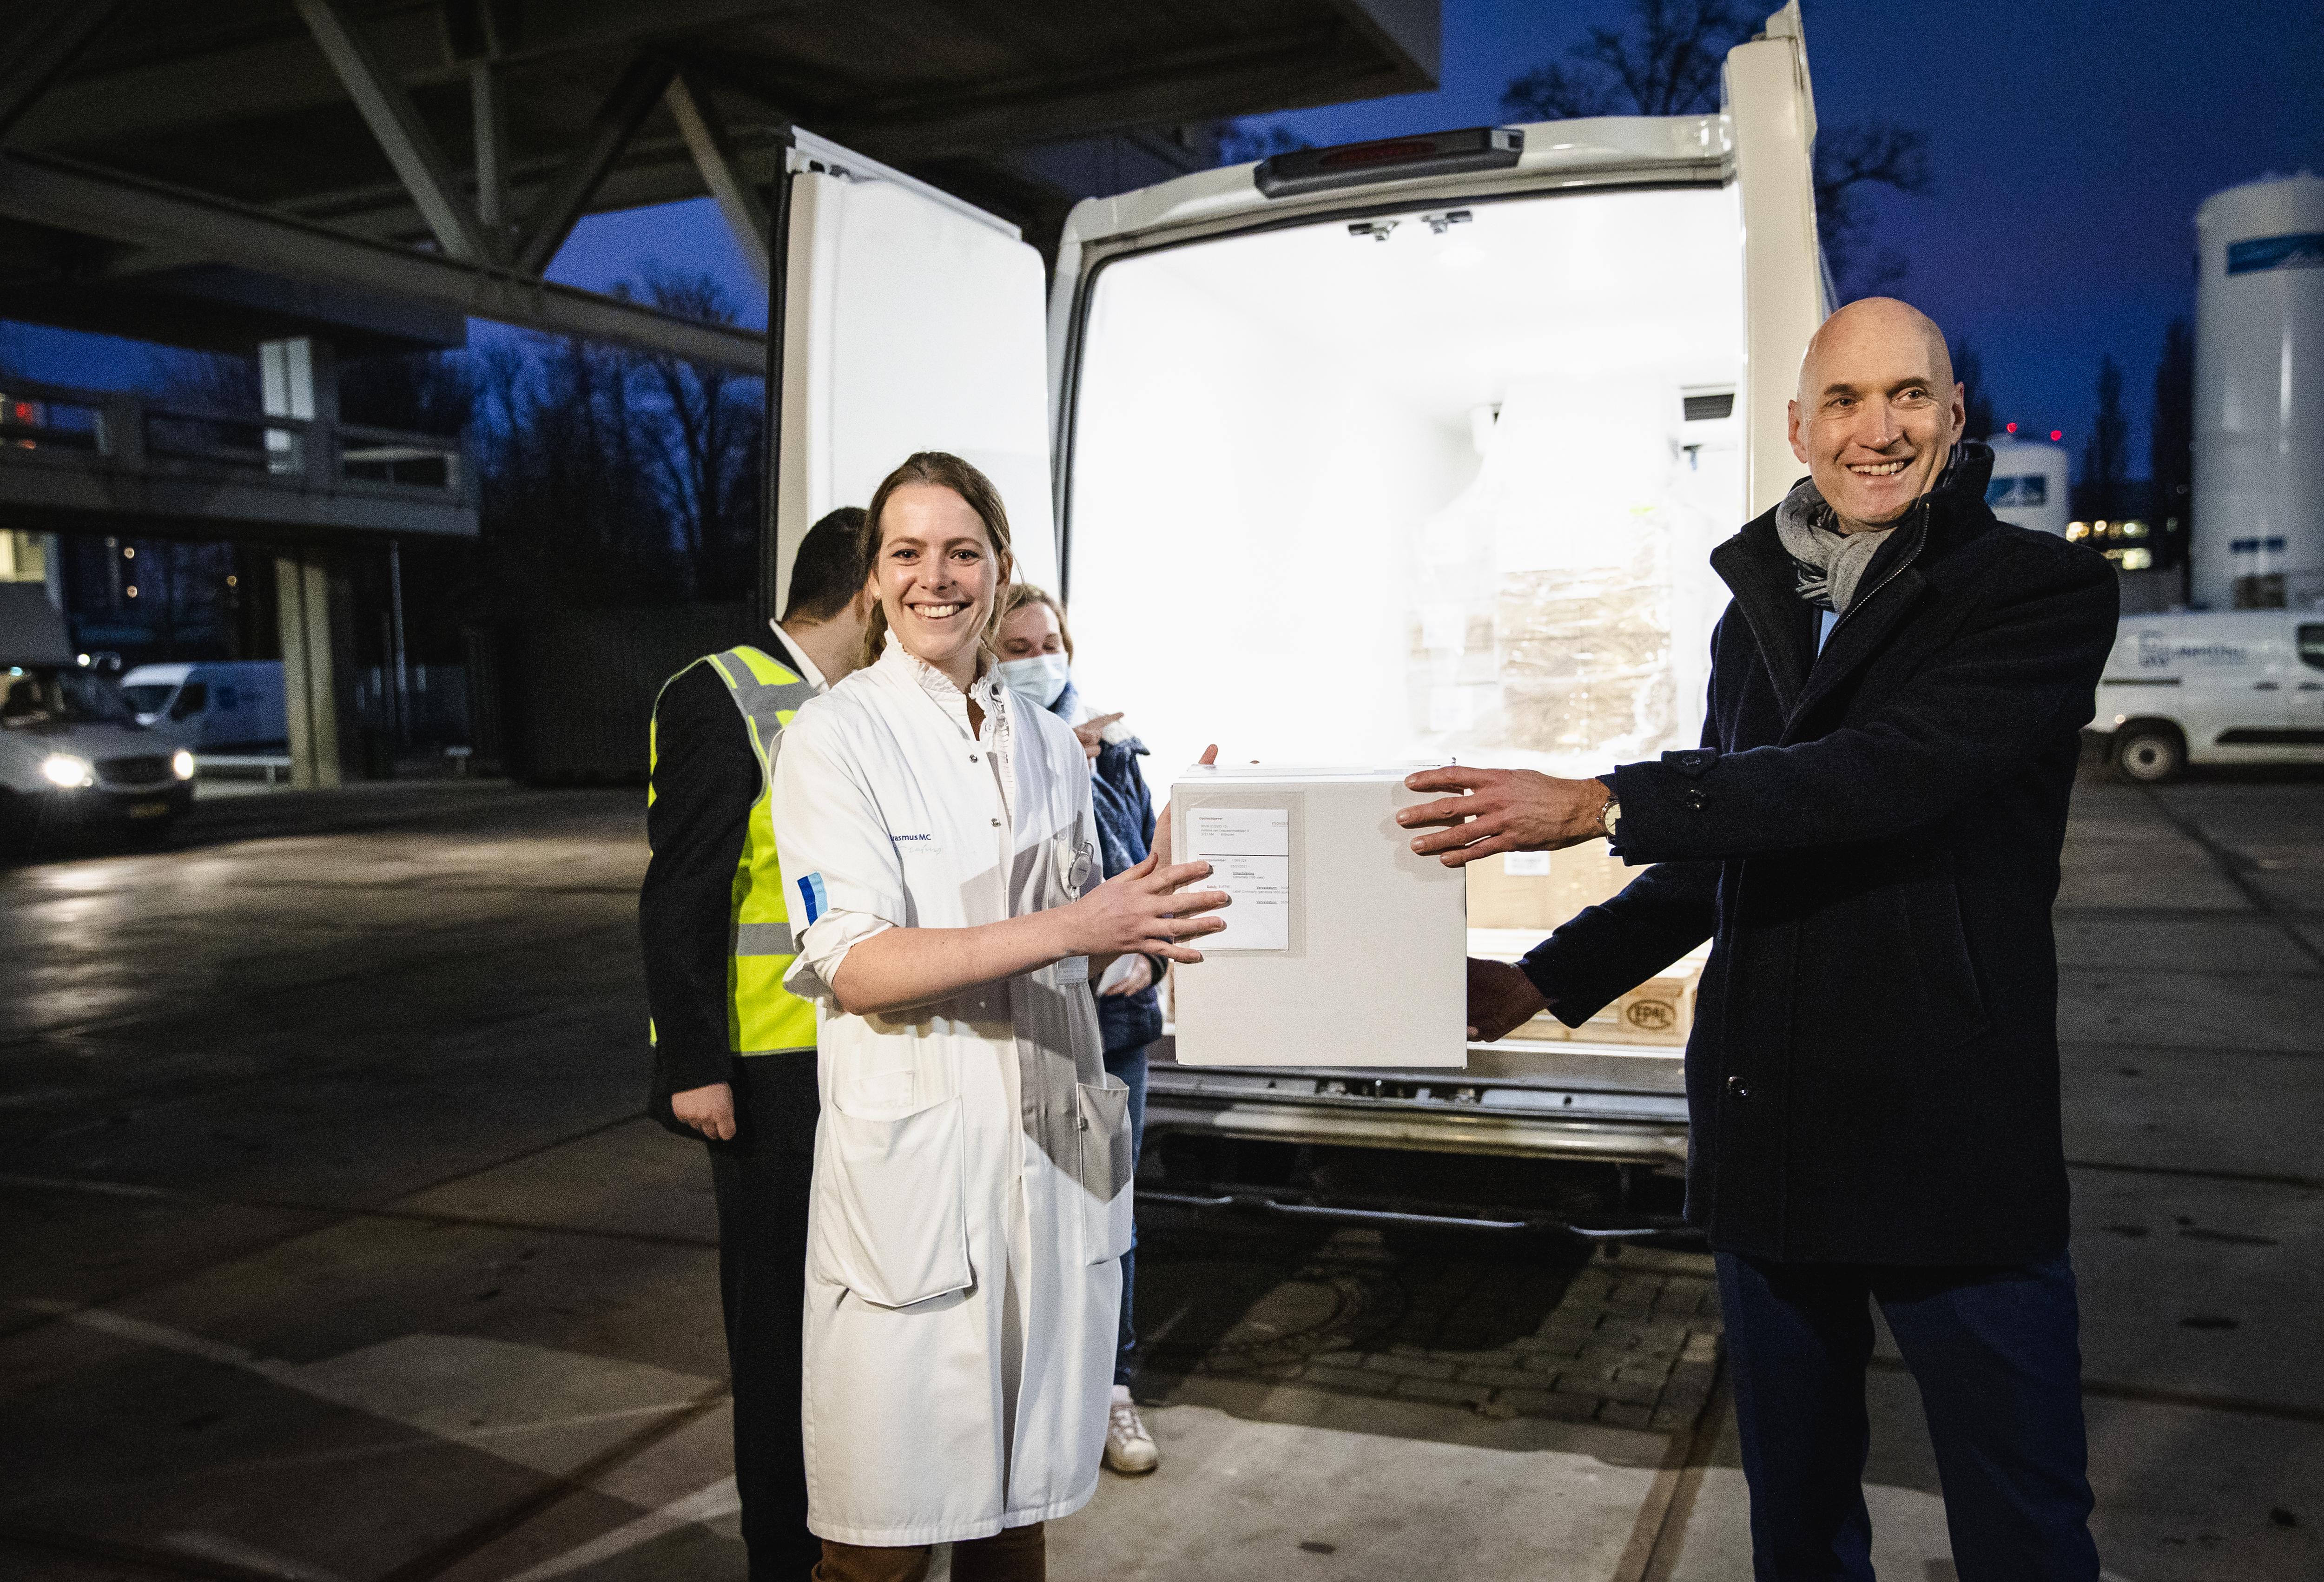 Een foto van de levering bij het Erasmus MC waardoor de vaccinatie kan beginnen